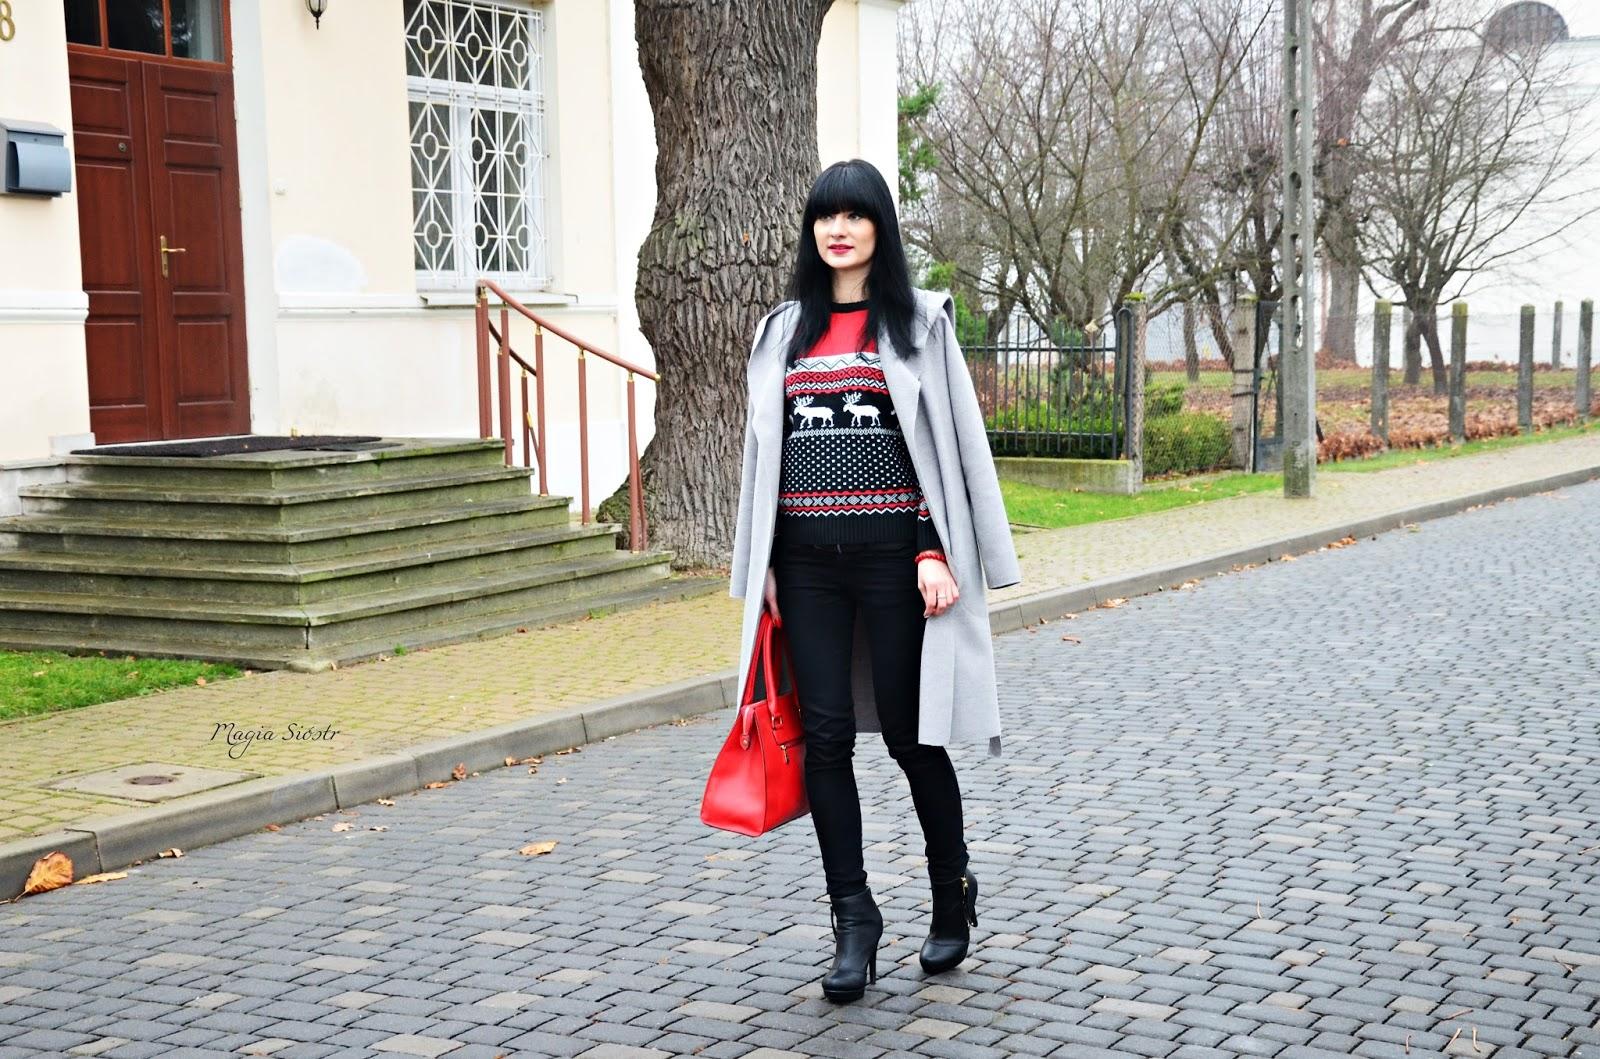 sweter z reniferem, świąteczny klimat, świąteczny sweter, szary płaszcz jesienny